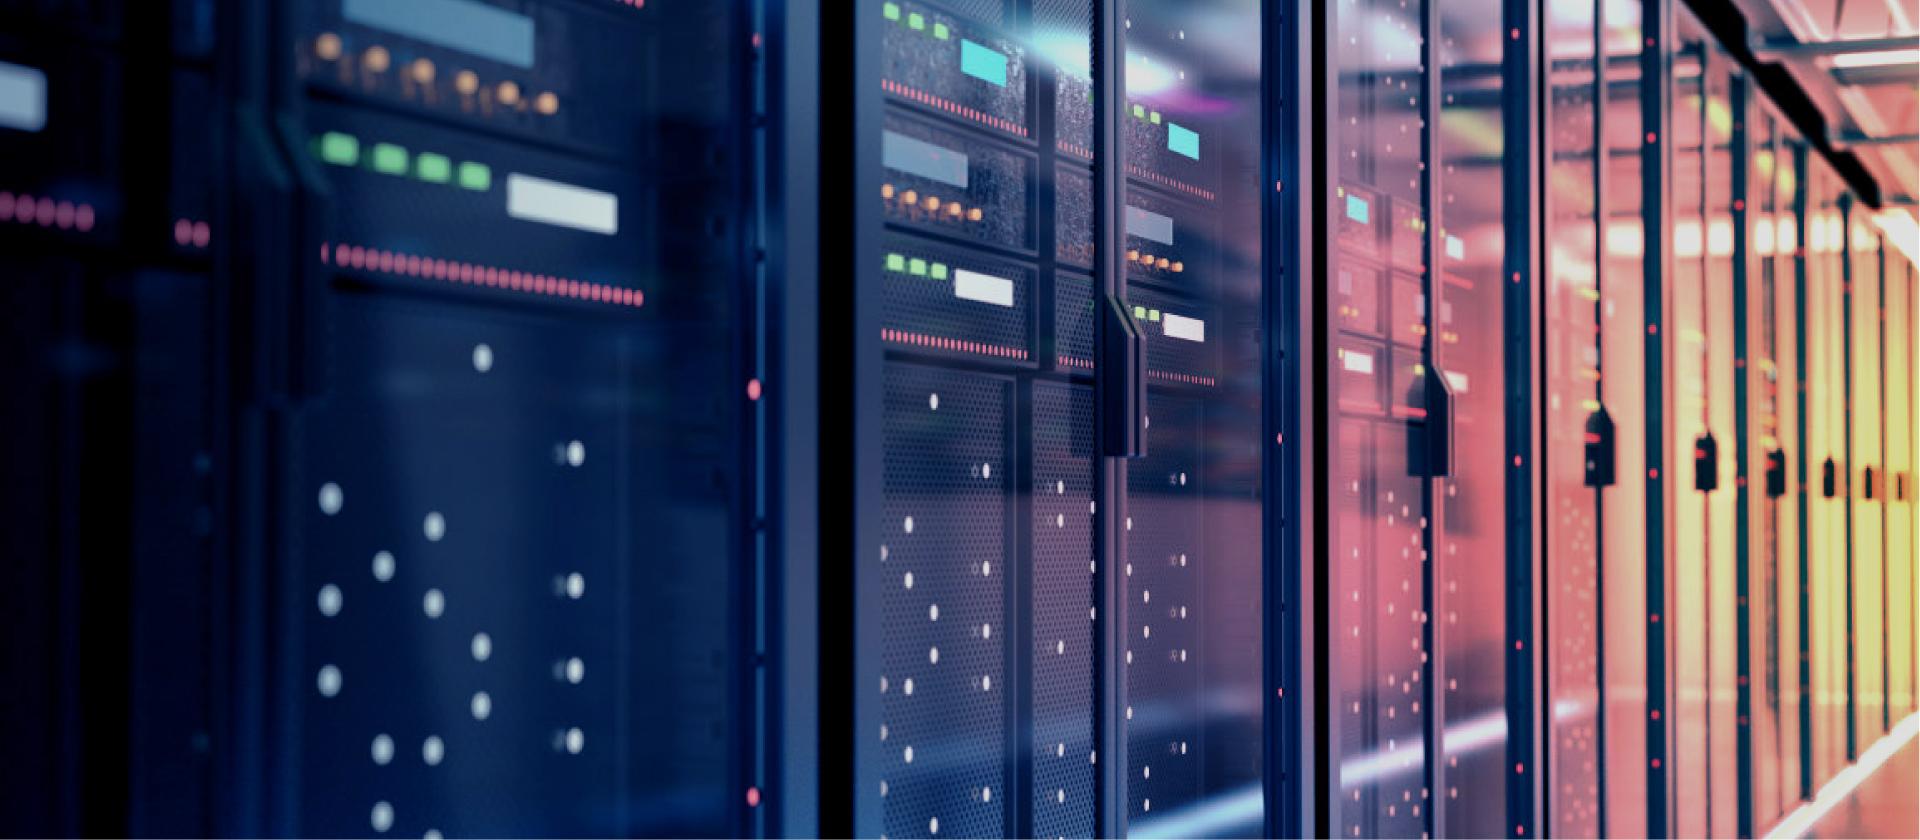 亚博在线娱乐官网入口特云数据中心